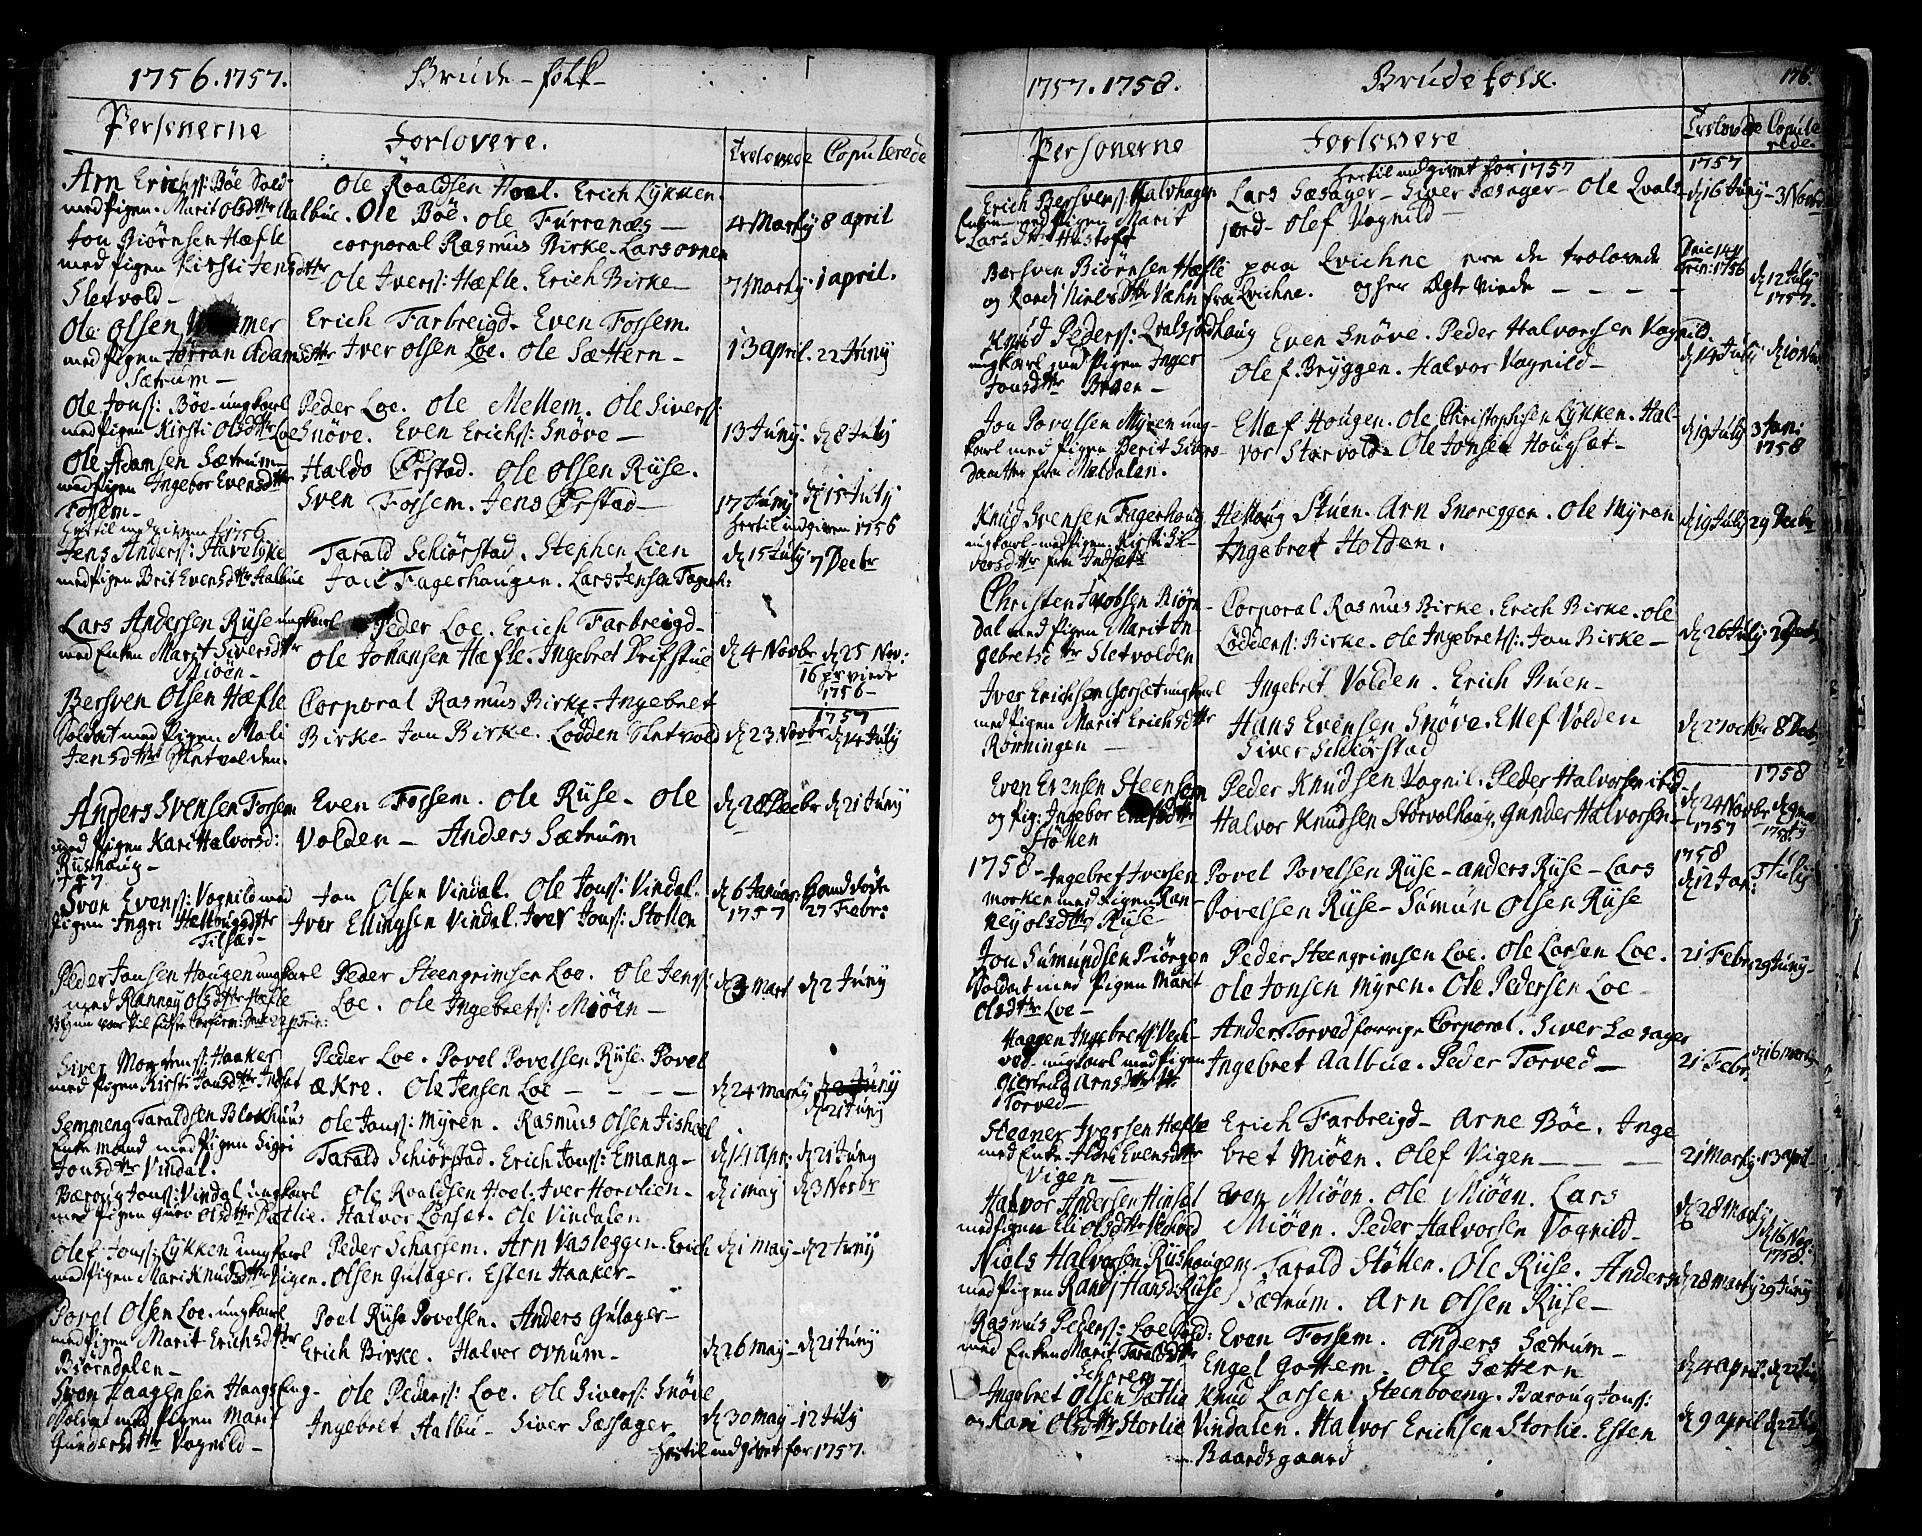 SAT, Ministerialprotokoller, klokkerbøker og fødselsregistre - Sør-Trøndelag, 678/L0891: Ministerialbok nr. 678A01, 1739-1780, s. 176